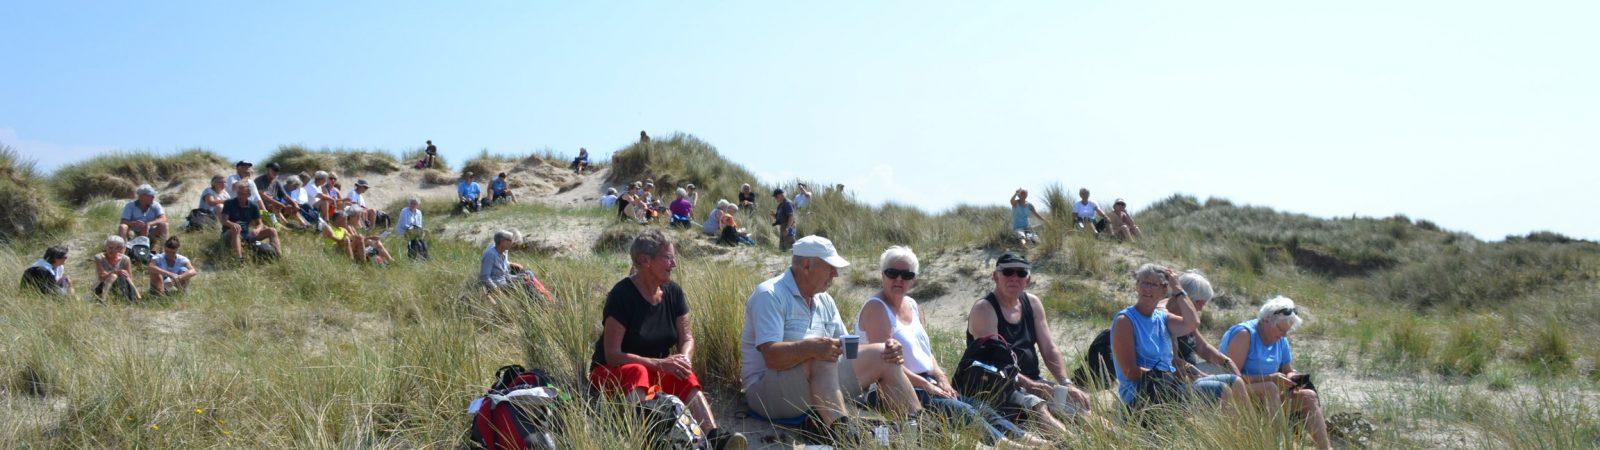 Frokostpause en sommerdag på Fanø. Foto Aage Andersen